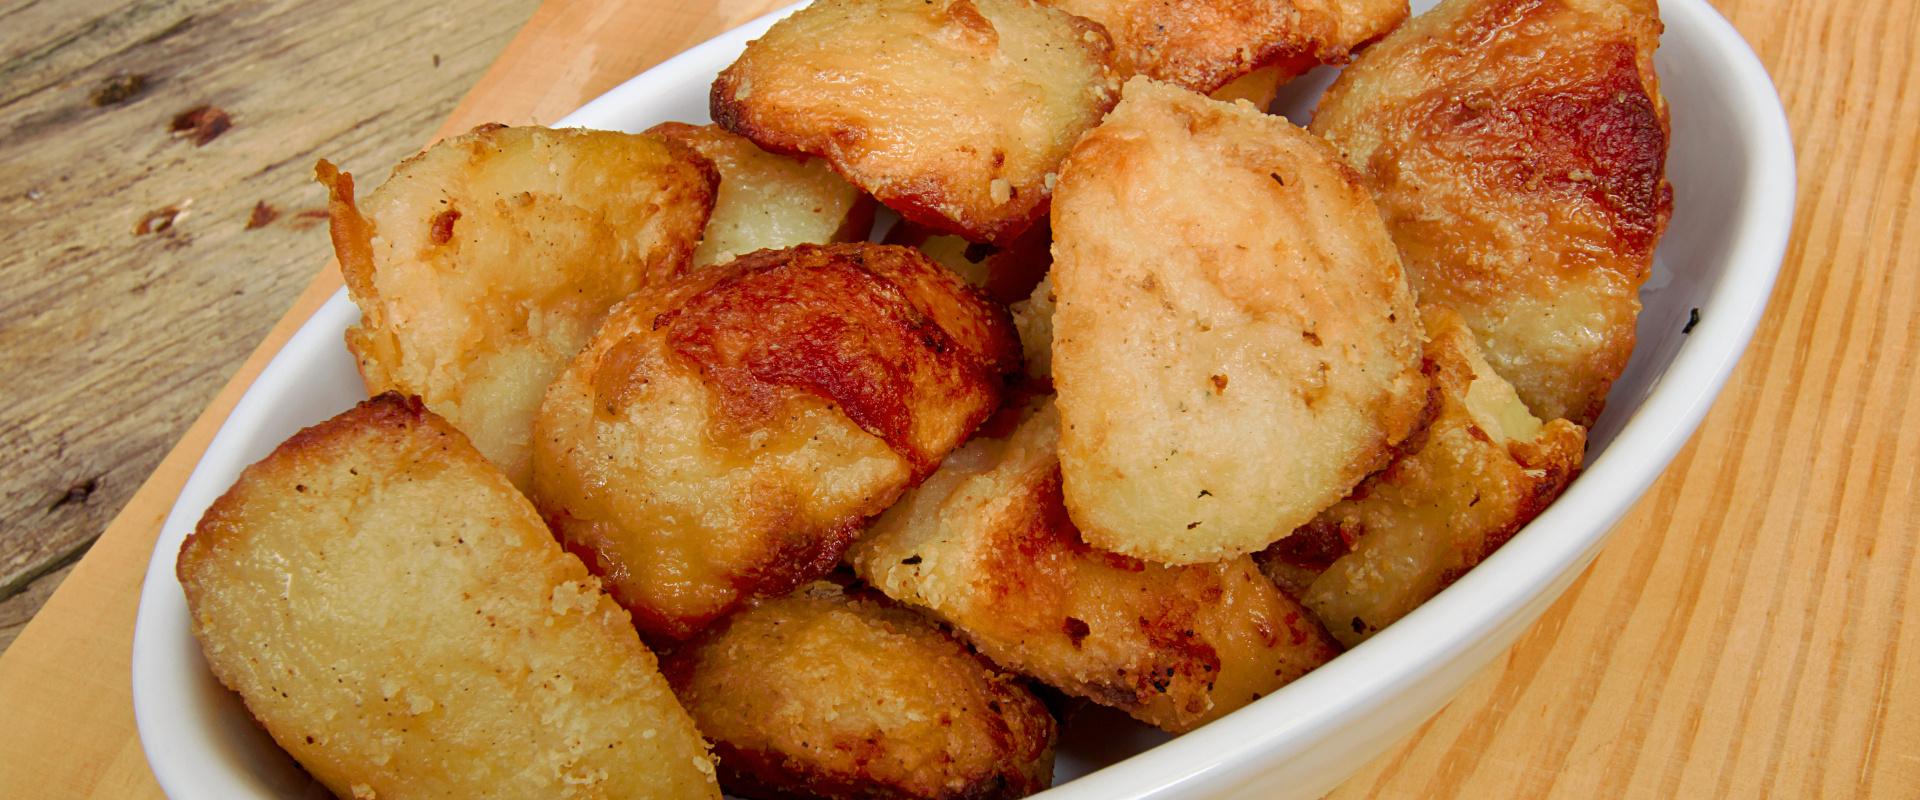 zsírban sült krumpli cover